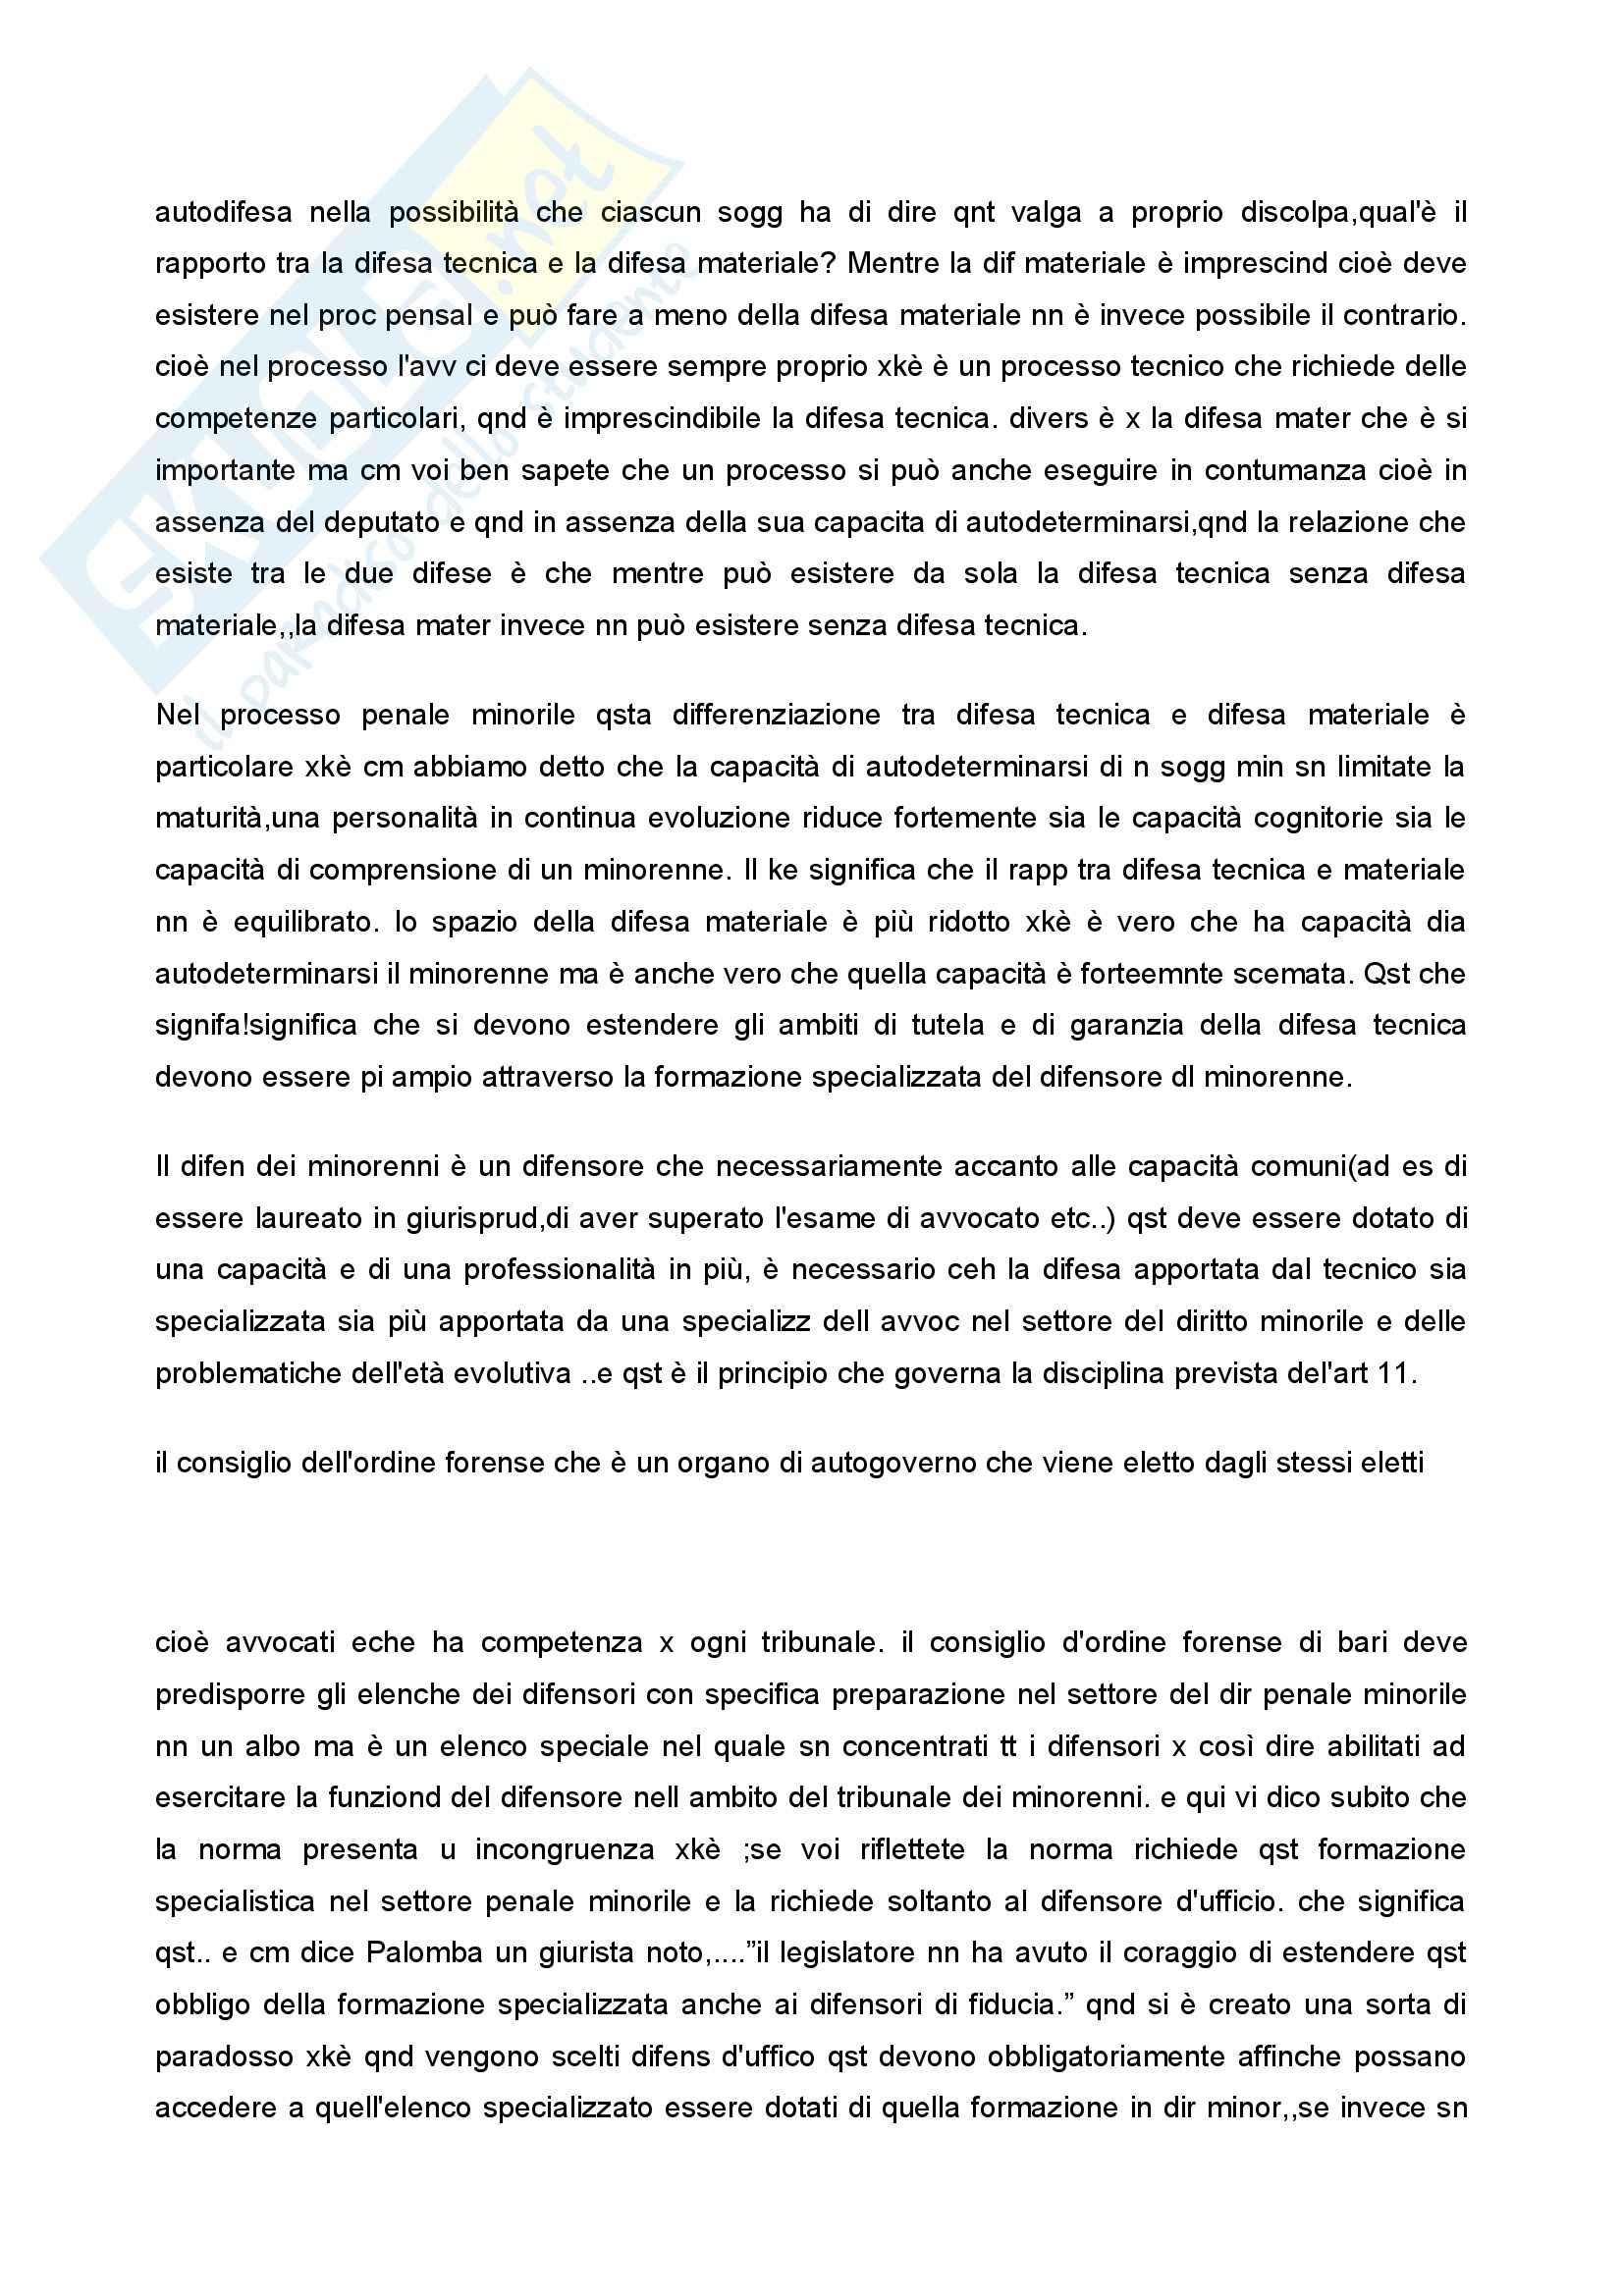 Diritto penale minorile - Corso completo Pag. 16